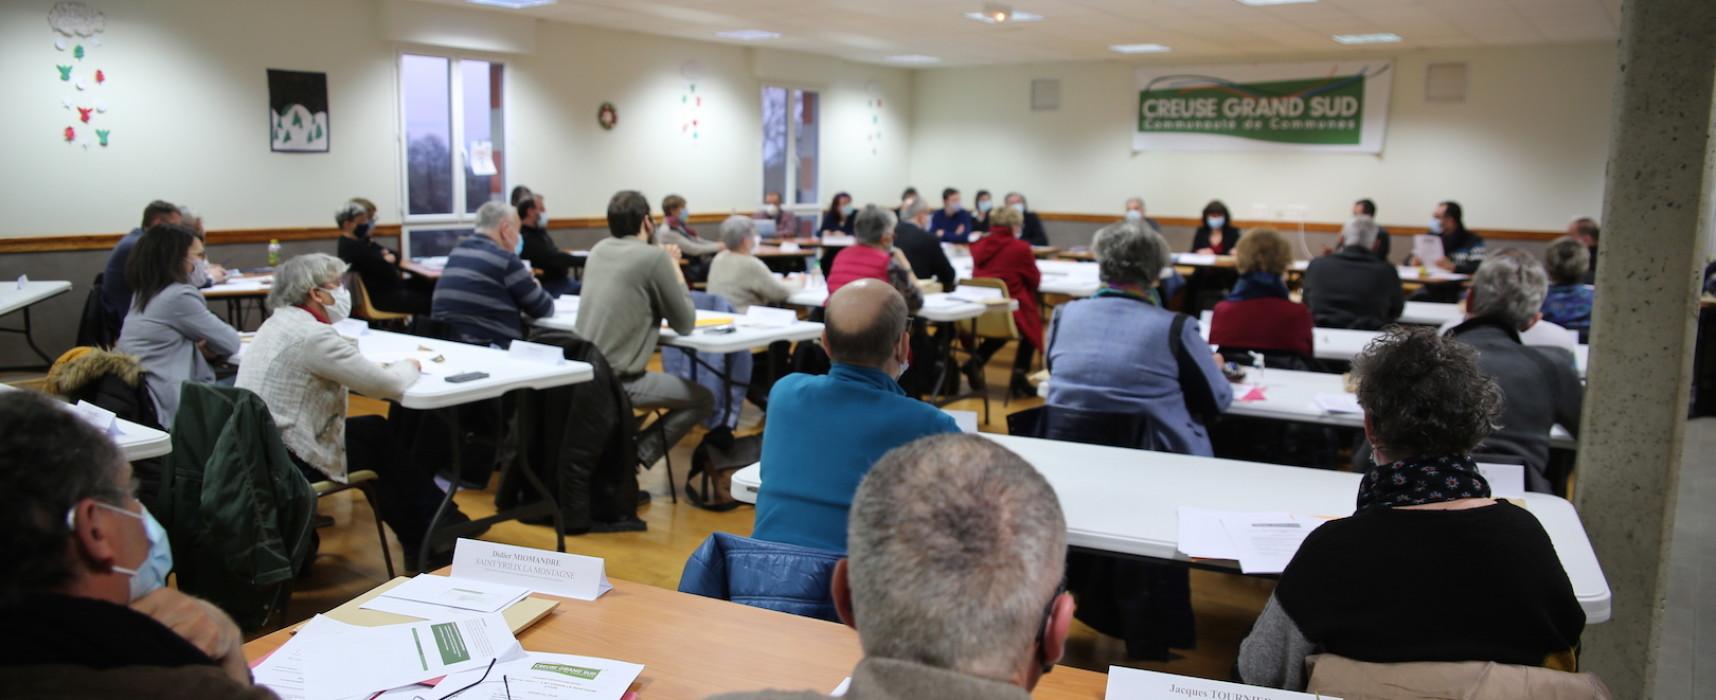 Prochain Conseil communautaire le 22 septembre 2021